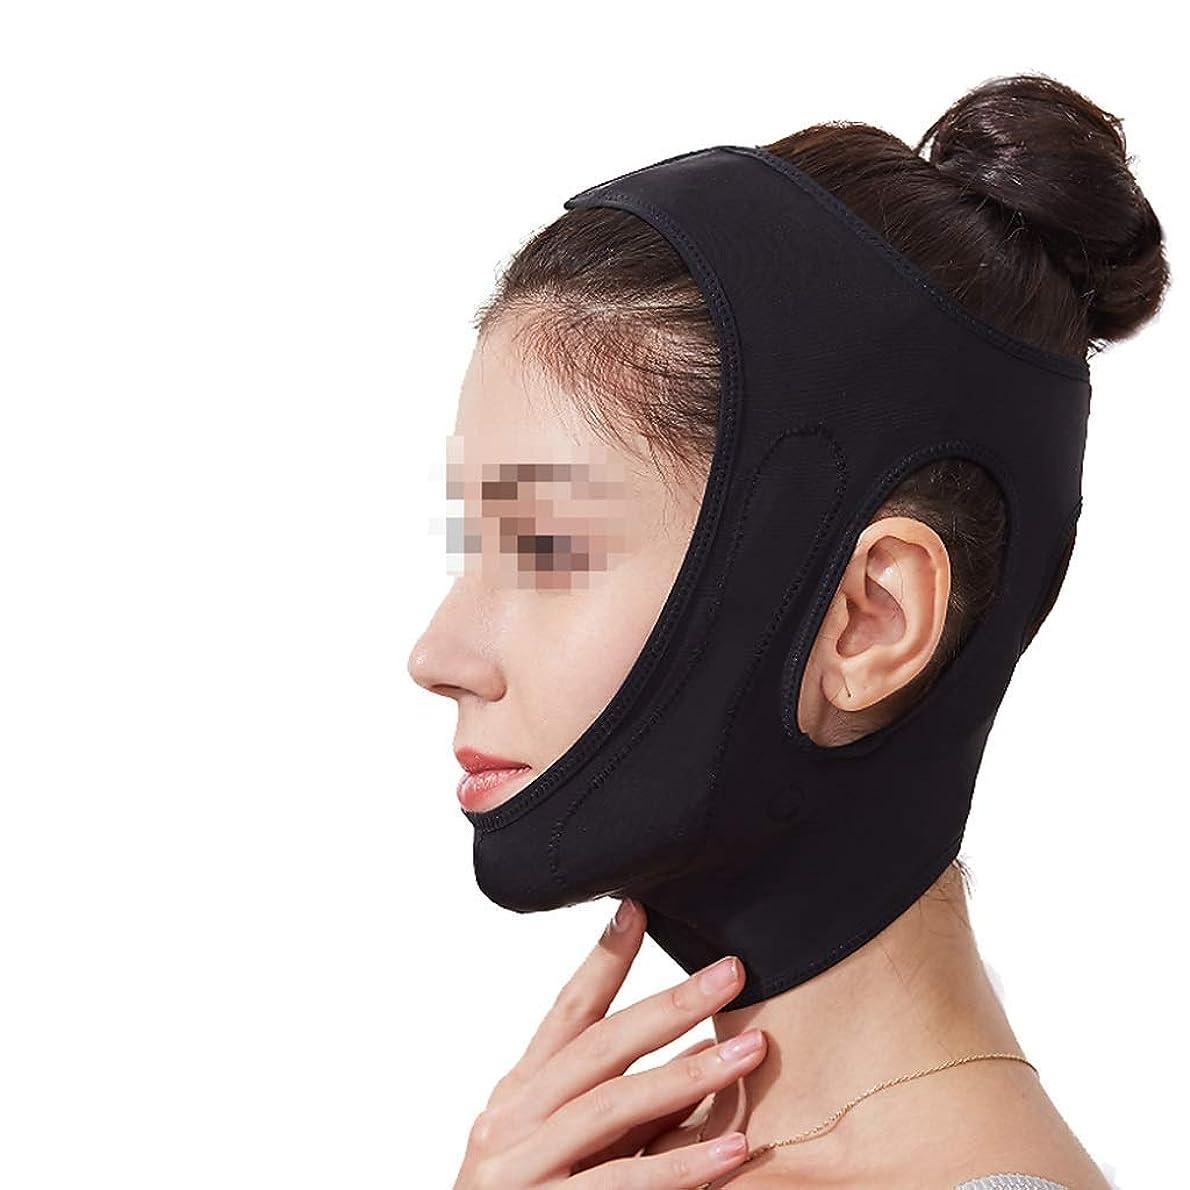 フェイスリフティング包帯、フェイスマスクフェイスリフトチン快適なフェイスマルチカラーオプション(カラー:ブラック),ブラック